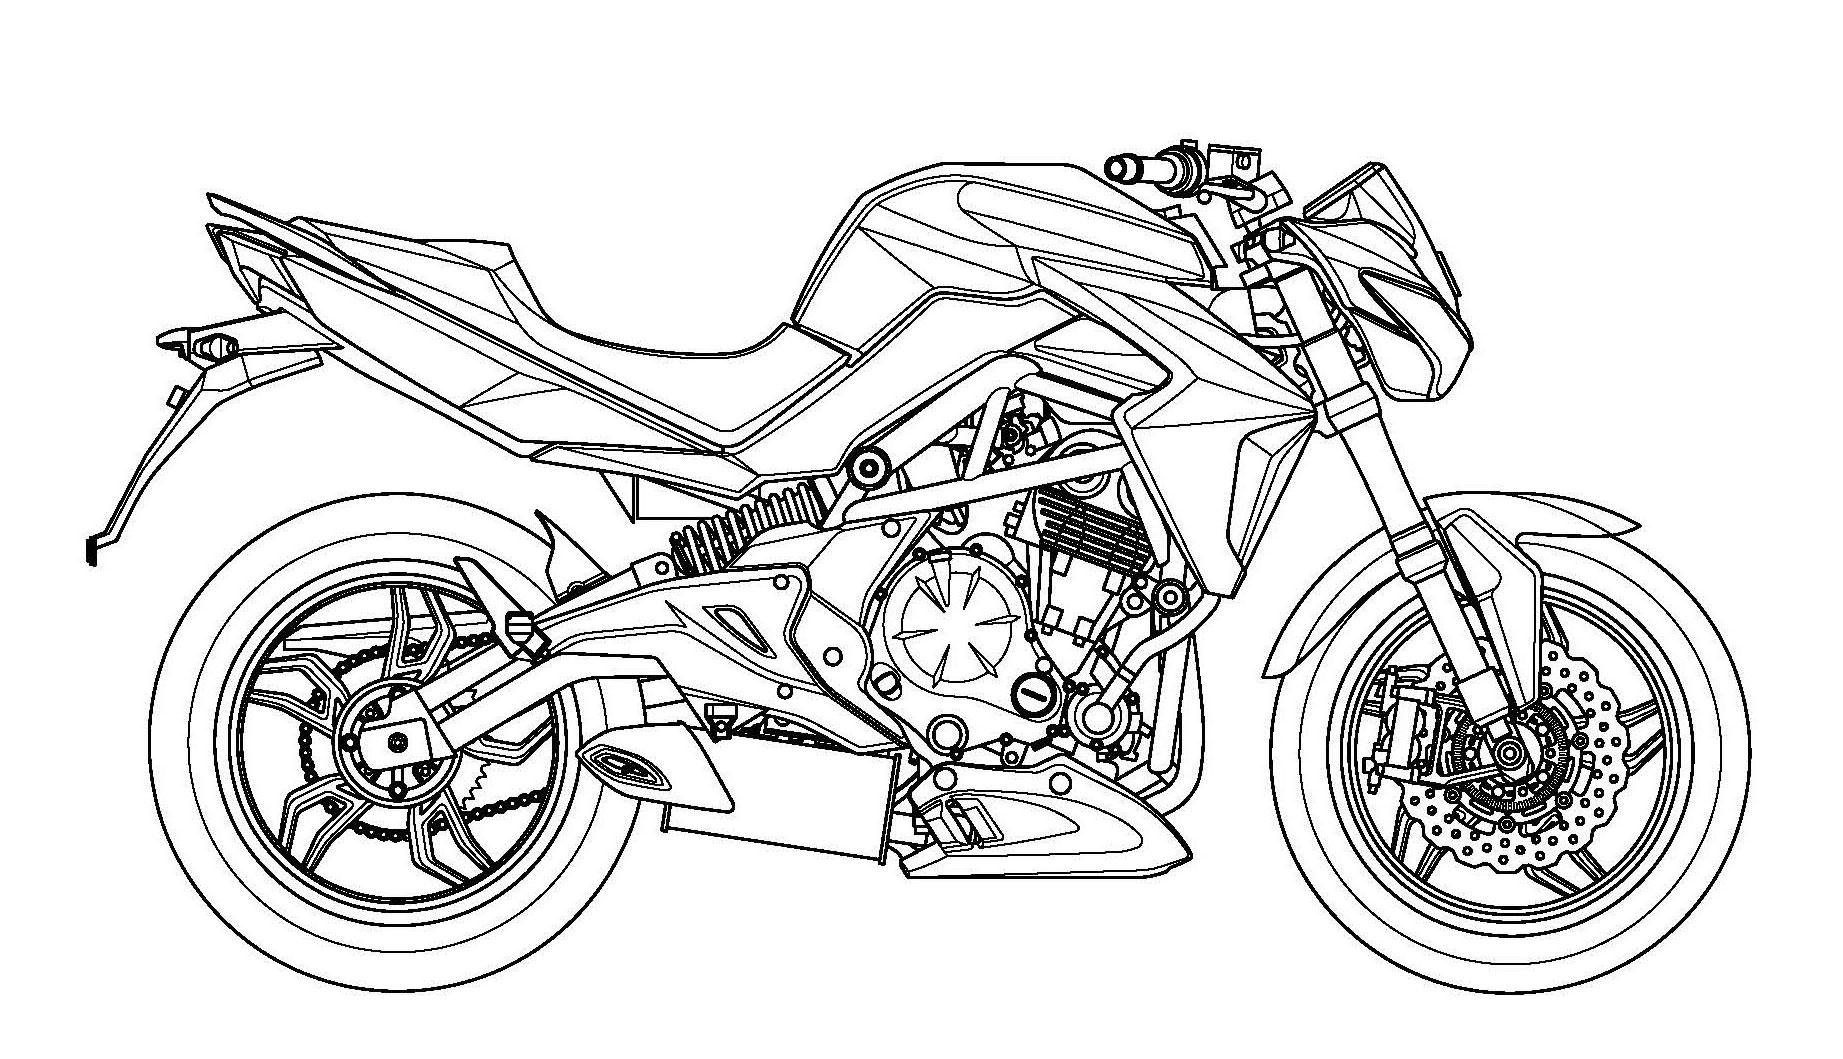 右視圖可以看出引擎、排氣管以及後搖臂都與ER6 相同